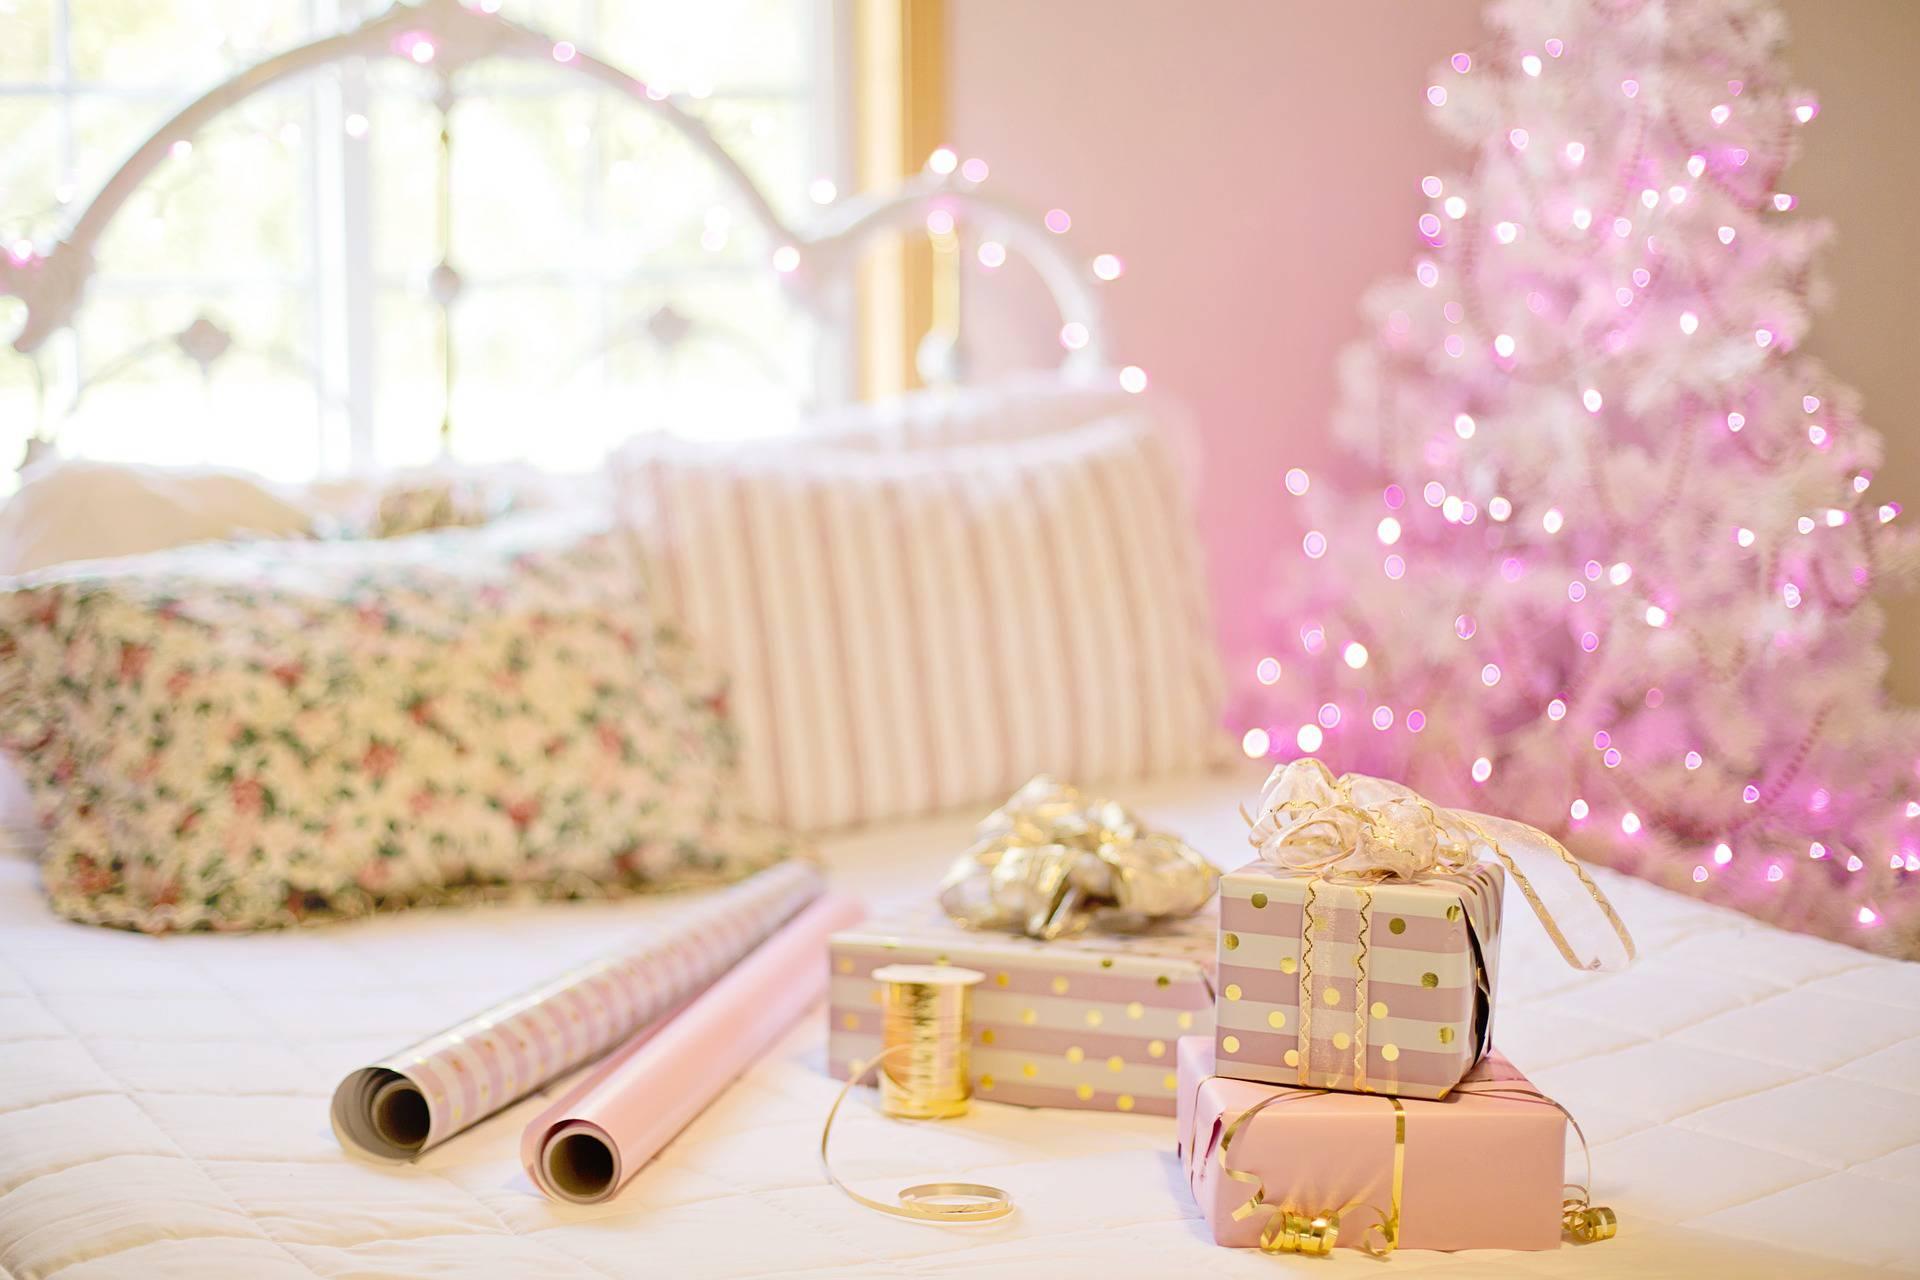 Idee Regalo Di Natale Per La Mamma.Regali Di Natale 2018 Tante Idee Regalo Per La Mamma